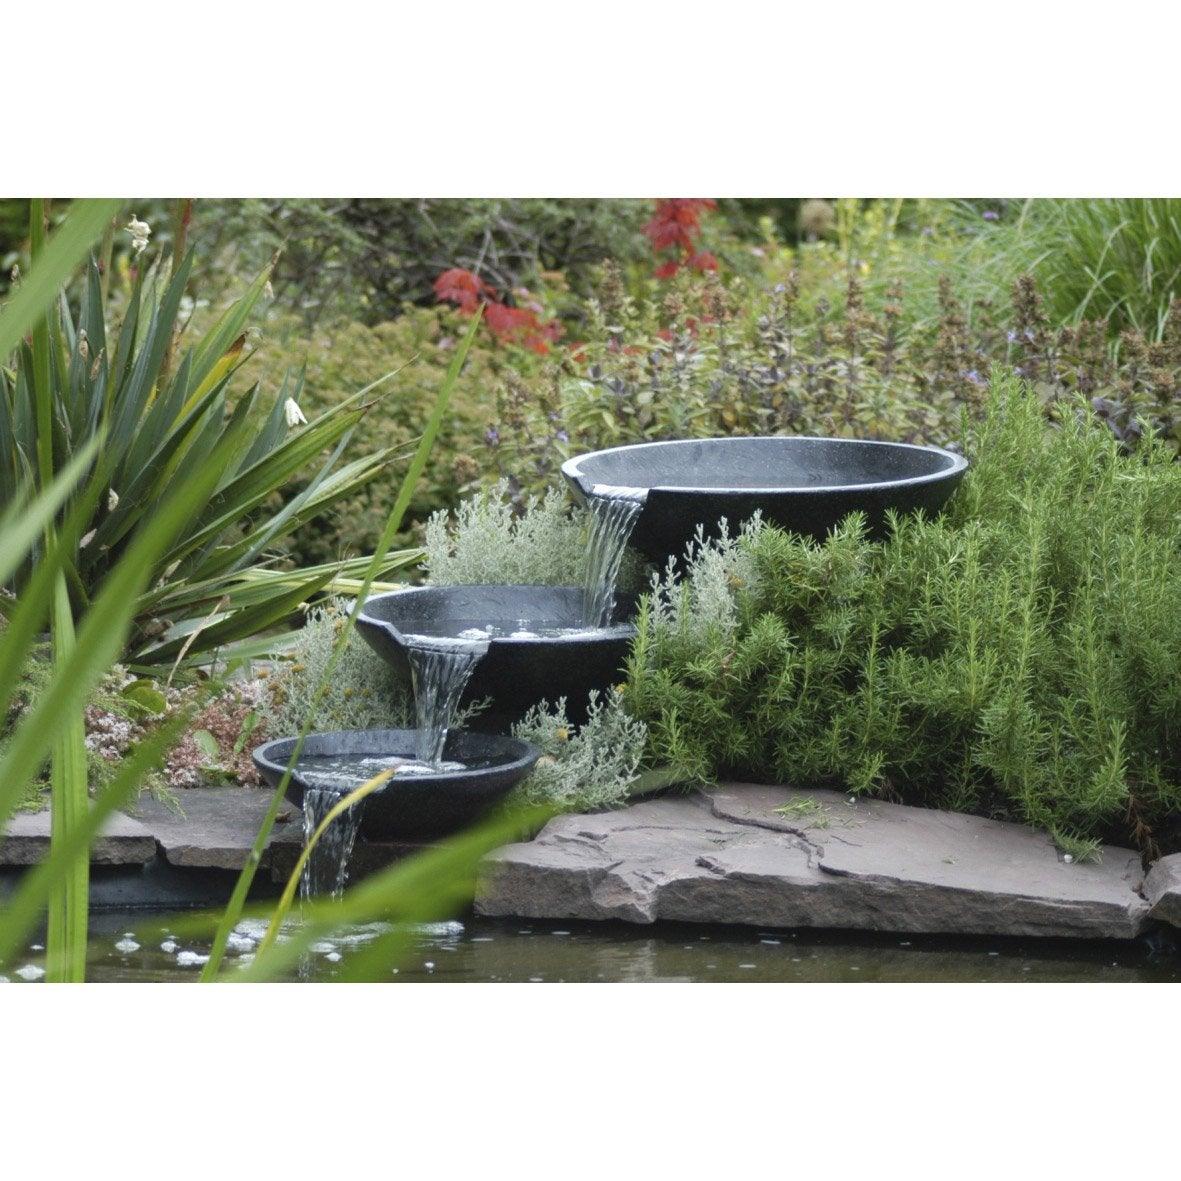 Cascade pour bassin ubbink nova scotia l x l m x for Prix bassin jardin